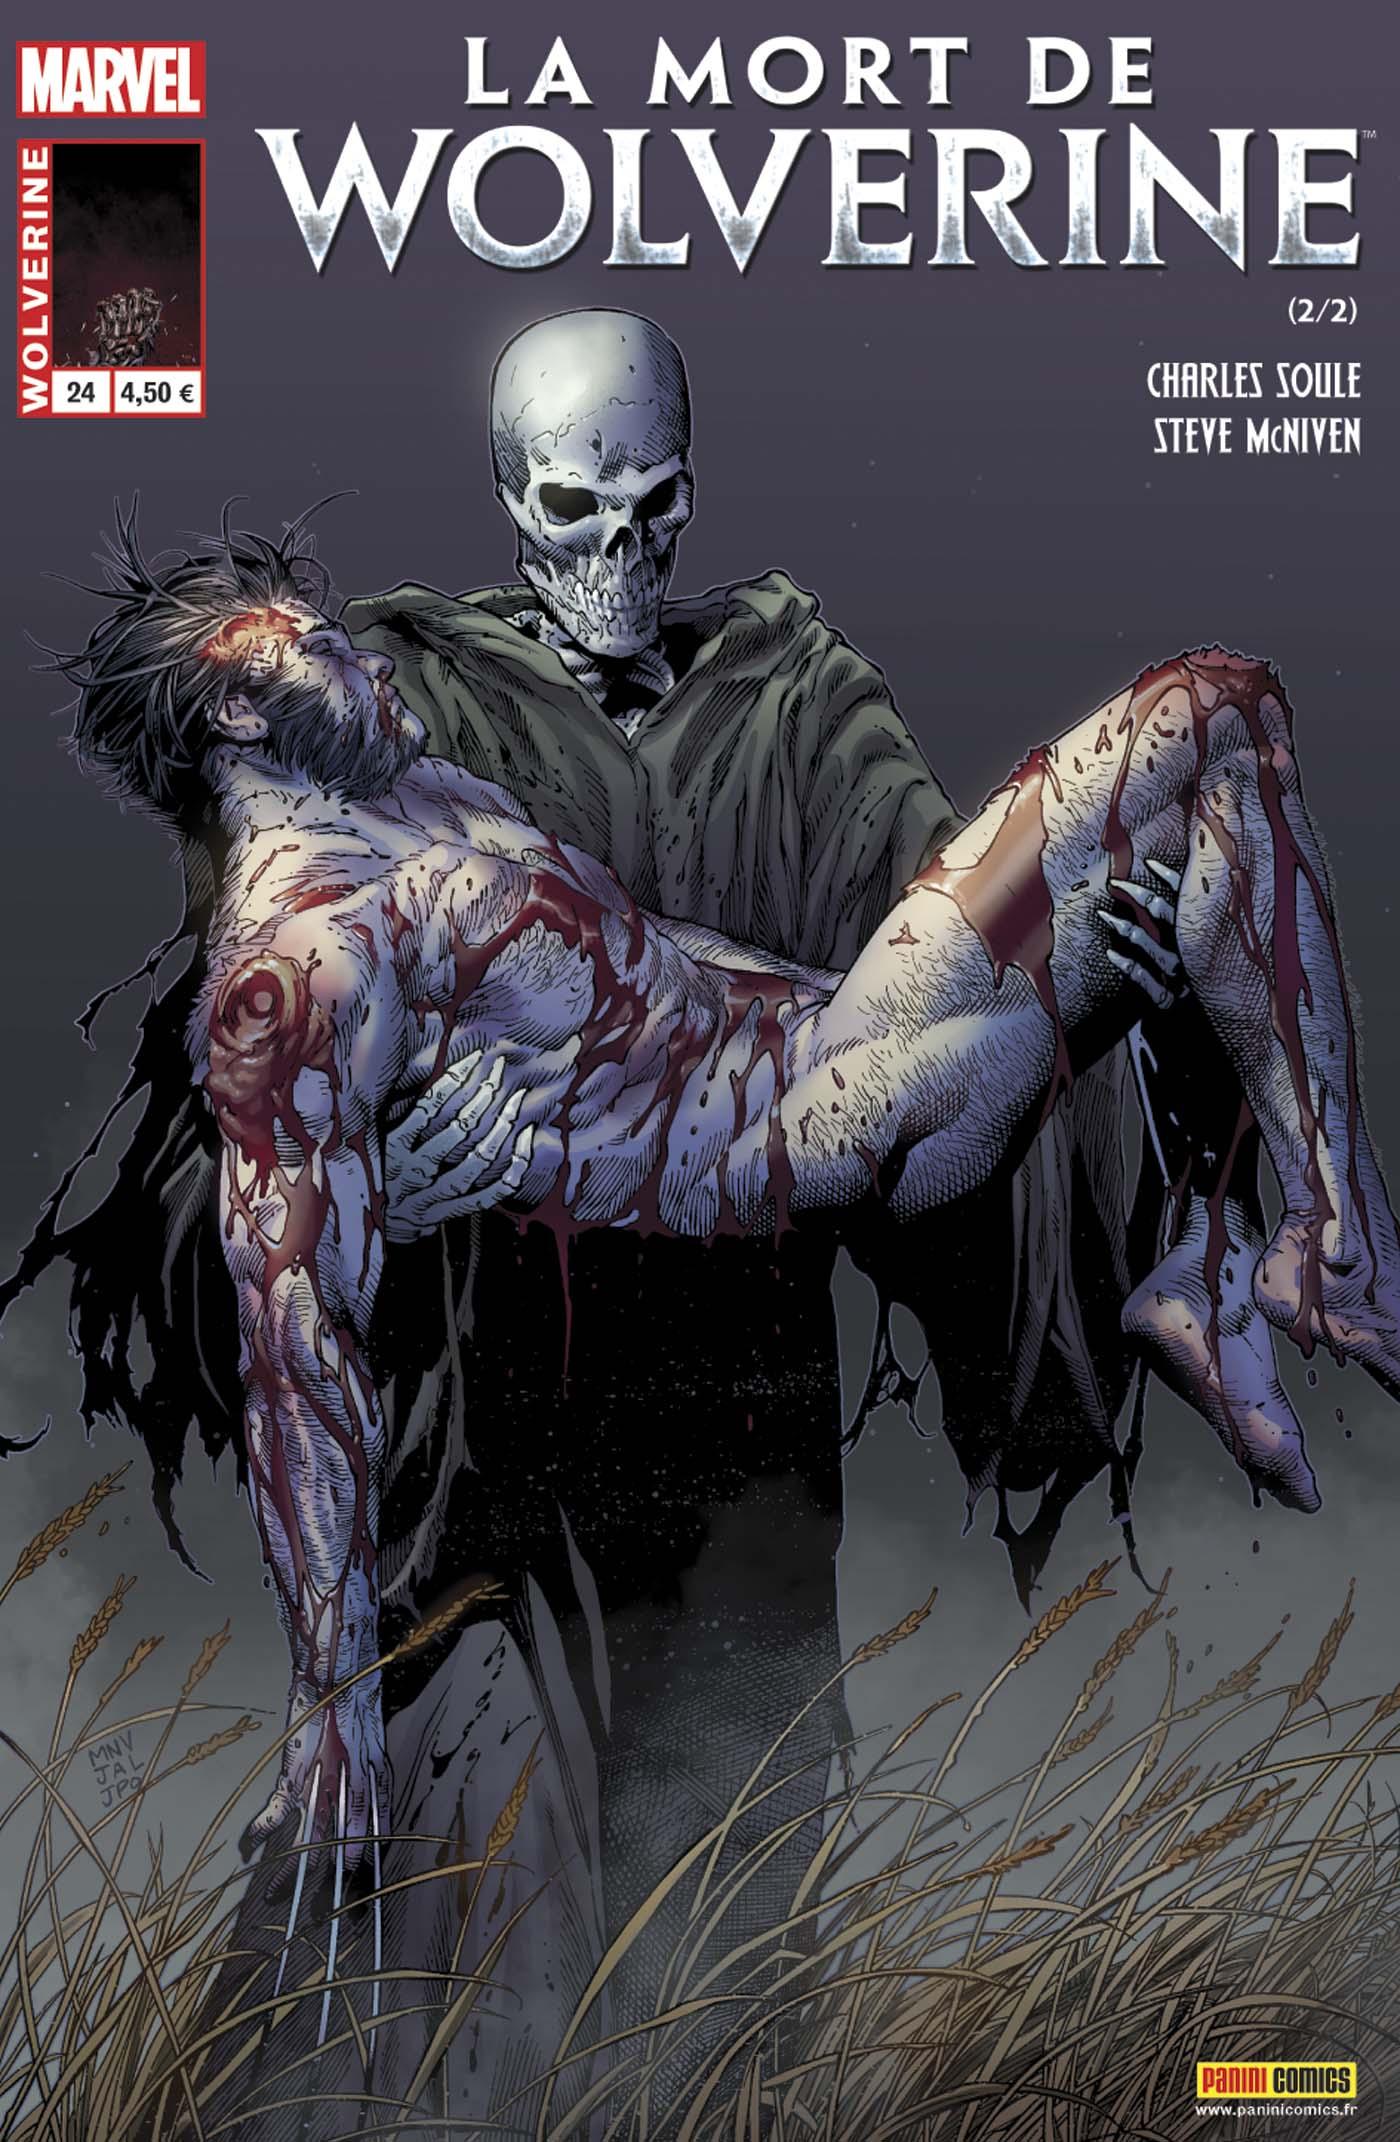 Wolverine 24 - WOLVERINE 24 : LA MORT DE WOLVERINE 2 (sur 2) Numéro collector présenté dans une enveloppe noire